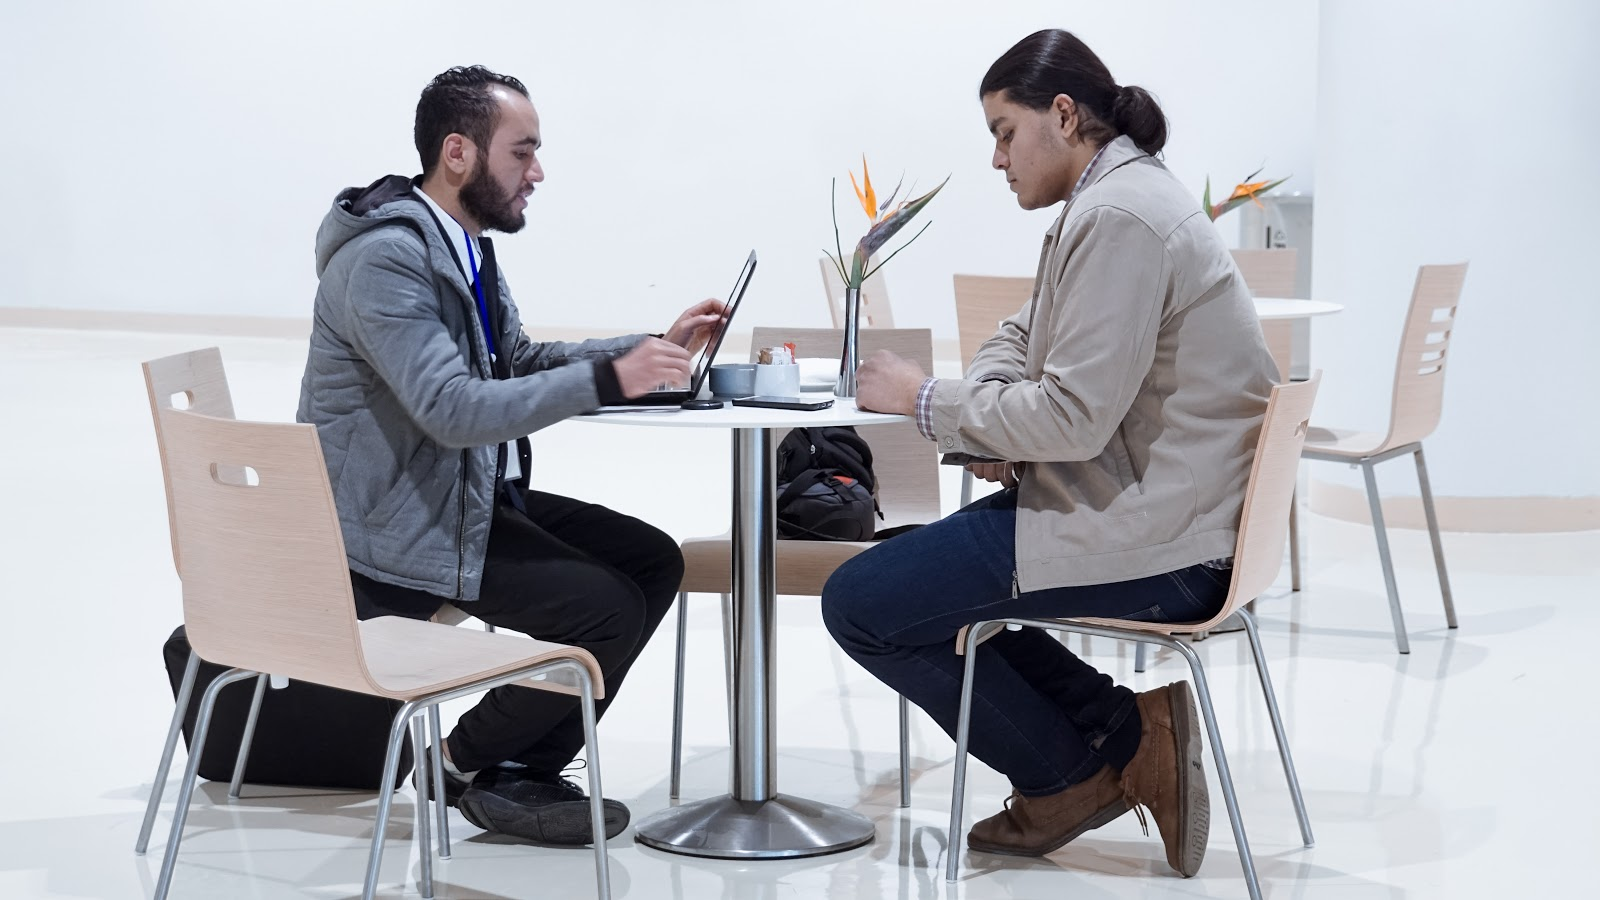 Зачем встречаться с клиентами лично